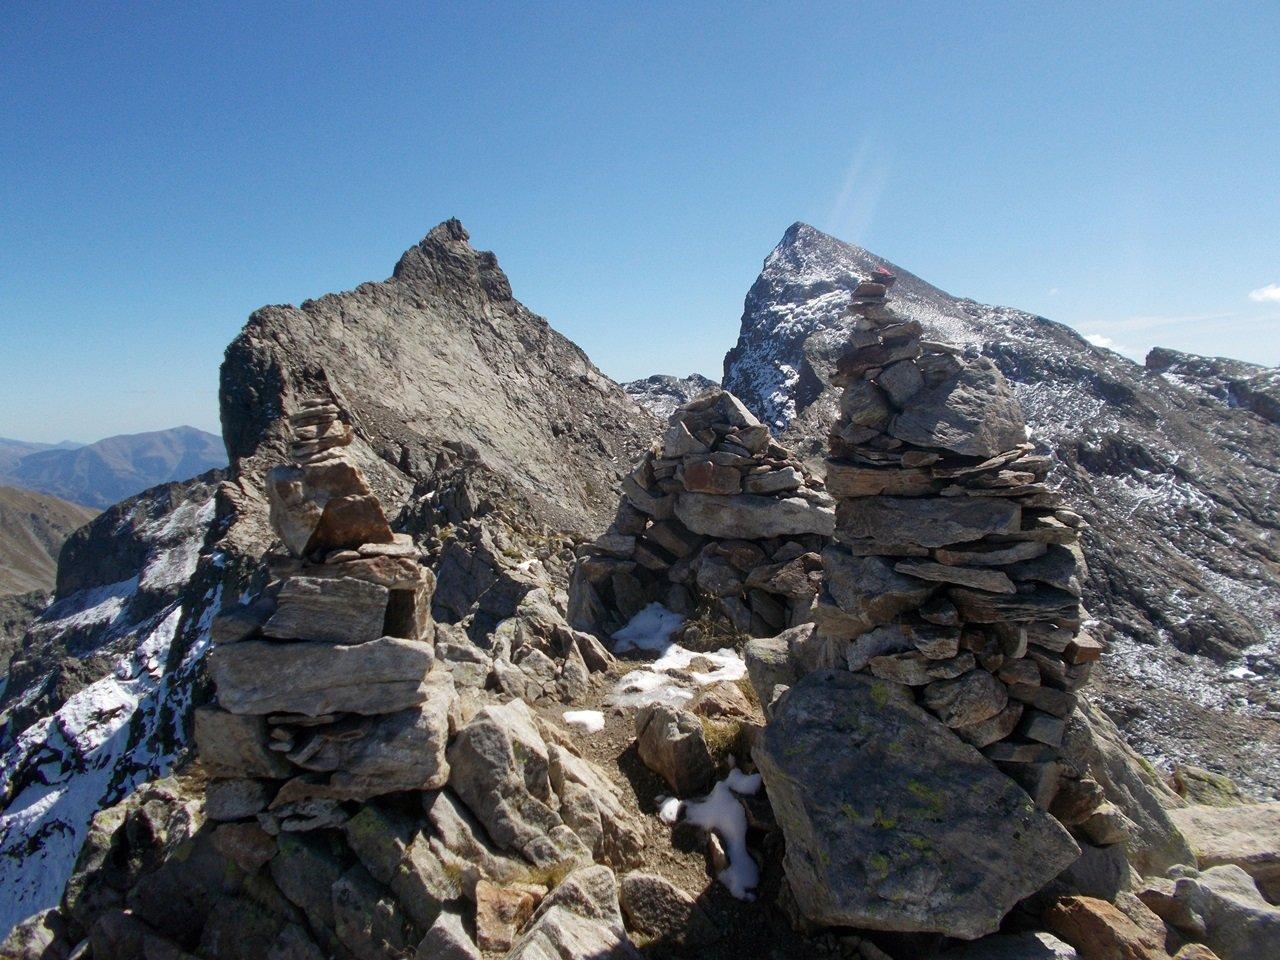 la cima Peirabroc e il Monte Clapier